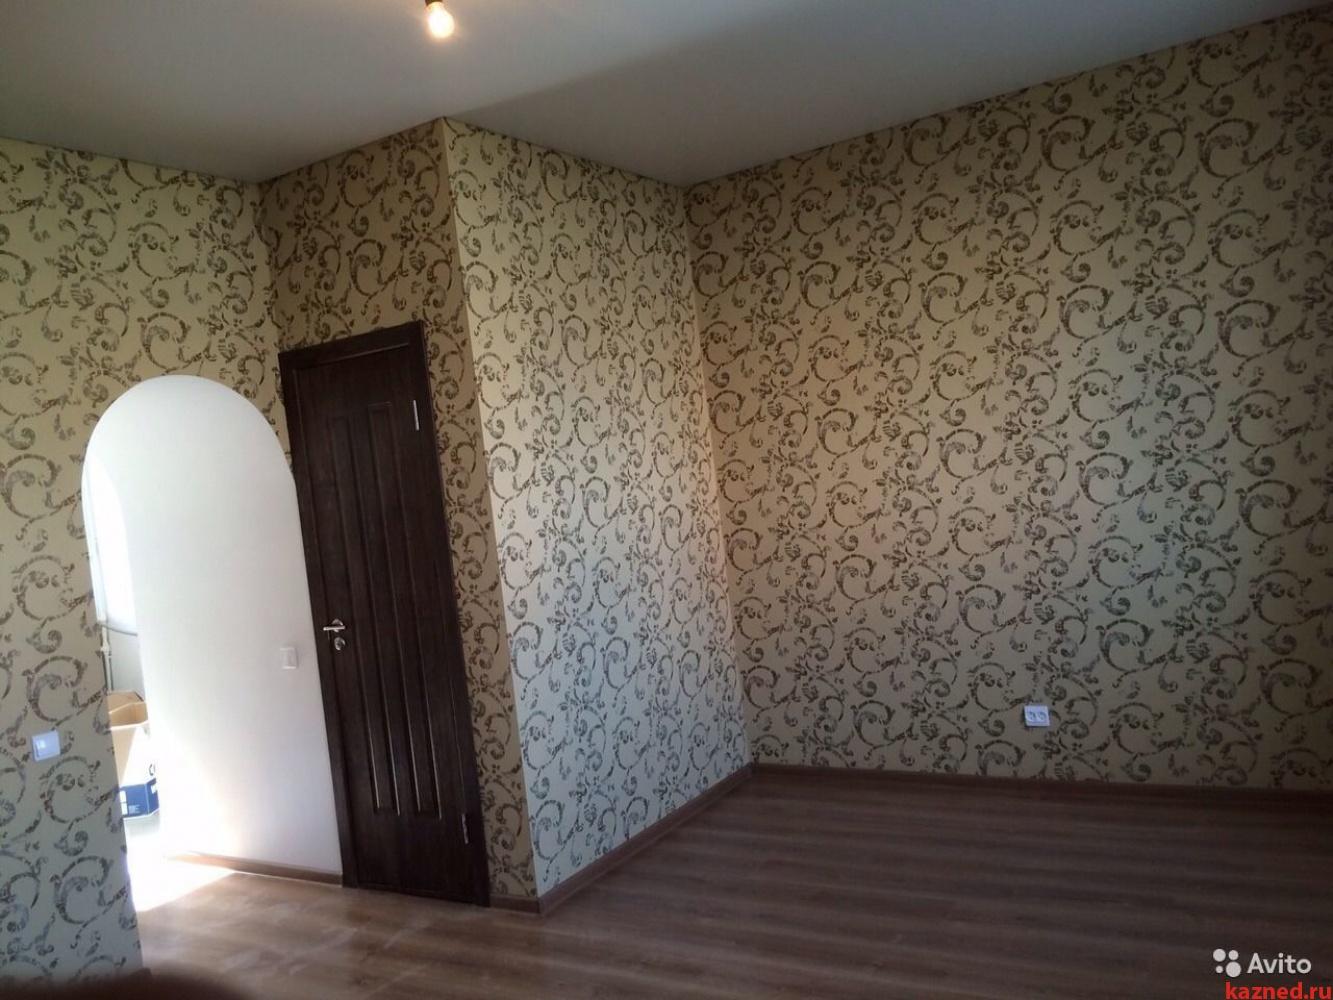 Продажа  Дома Шомыртлы, 82 м2  (миниатюра №3)